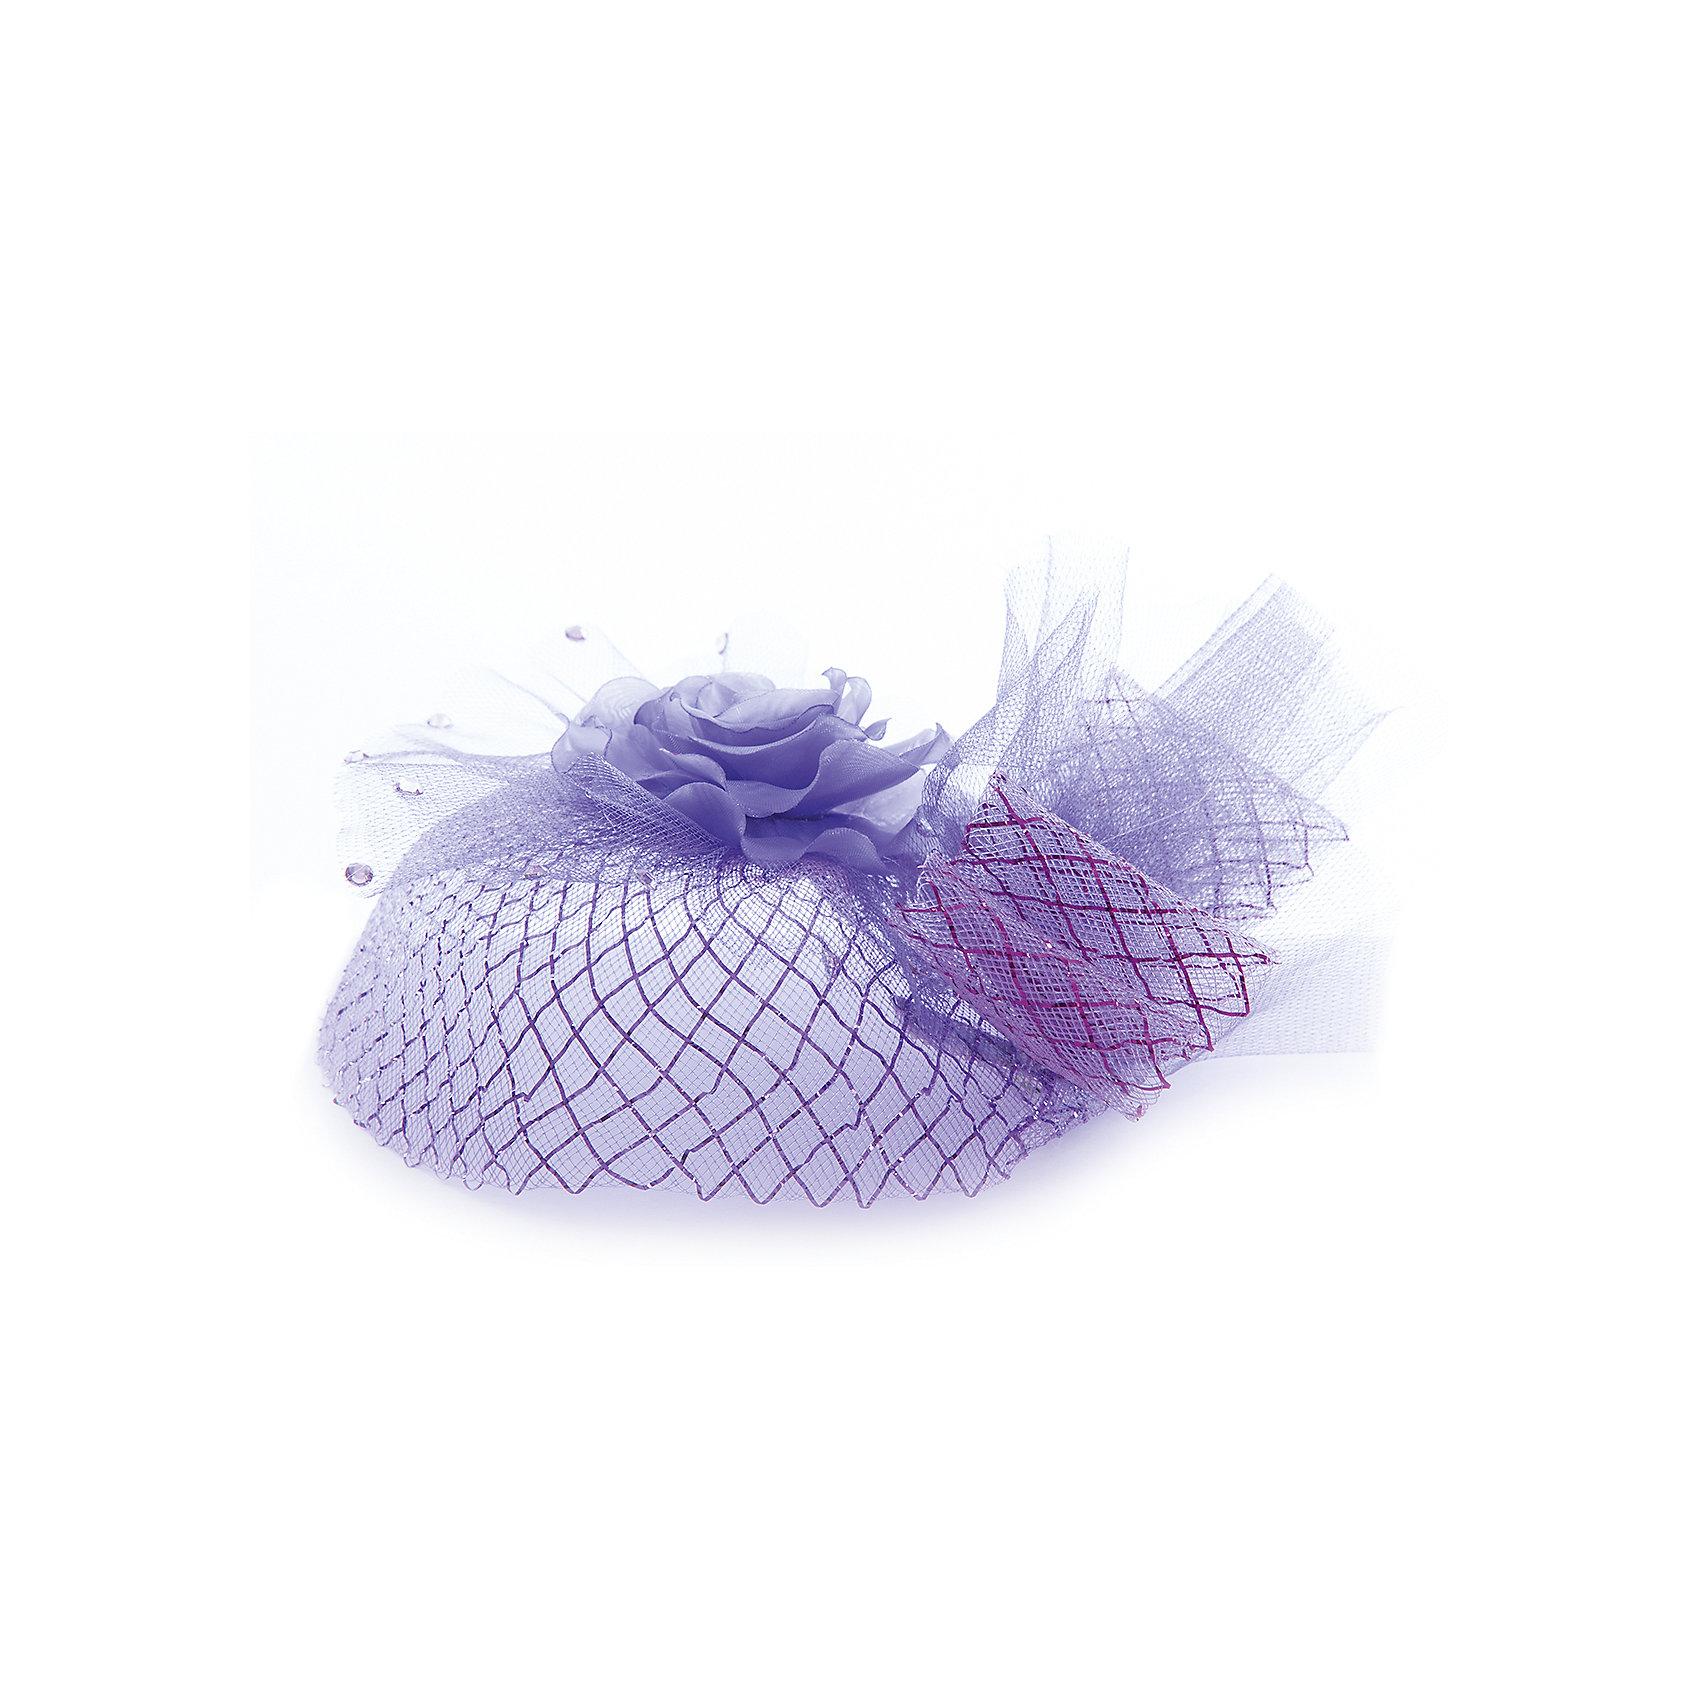 Шляпа для девочки ПрестижАксессуары<br>Характеристики:<br><br>• Вид аксессуара: шляпка-заколка<br>• Пол: для девочки<br>• Предназначение: праздничное<br>• Коллекция: IP<br>• Сезон: круглый год<br>• Цвет: фиолетовый, белый<br>• Крепится за счет зажимов<br>• Материал: текстиль, металл<br>• Особенности ухода: сухая чистка<br><br>Украшение для волос для девочки Престиж от отечественного производителя, который специализируется на выпуске праздничной одежды и аксессуаров как для взрослых, так и для детей. Изделие выполнено из текстиля и бижутерного сплава. Все материалы хорошо держат и сохраняют форму, не вызывают аллергических реакций. Шляпка крепится к волосам за счет двух зажимов, что обеспечивает ее надежную фиксацию. Шляпка выполнена в виде большой розы, декорирована вуалеткой и стразами.<br><br>Шляпа для девочки Престиж не только дополнит праздничный образ юной леди, но и сделает его особенным и стильным!<br><br>Шляпу для девочки Престиж можно купить в нашем интернет-магазине.<br><br>Ширина мм: 89<br>Глубина мм: 117<br>Высота мм: 44<br>Вес г: 155<br>Цвет: лиловый<br>Возраст от месяцев: 60<br>Возраст до месяцев: 168<br>Пол: Женский<br>Возраст: Детский<br>Размер: one size<br>SKU: 5387783